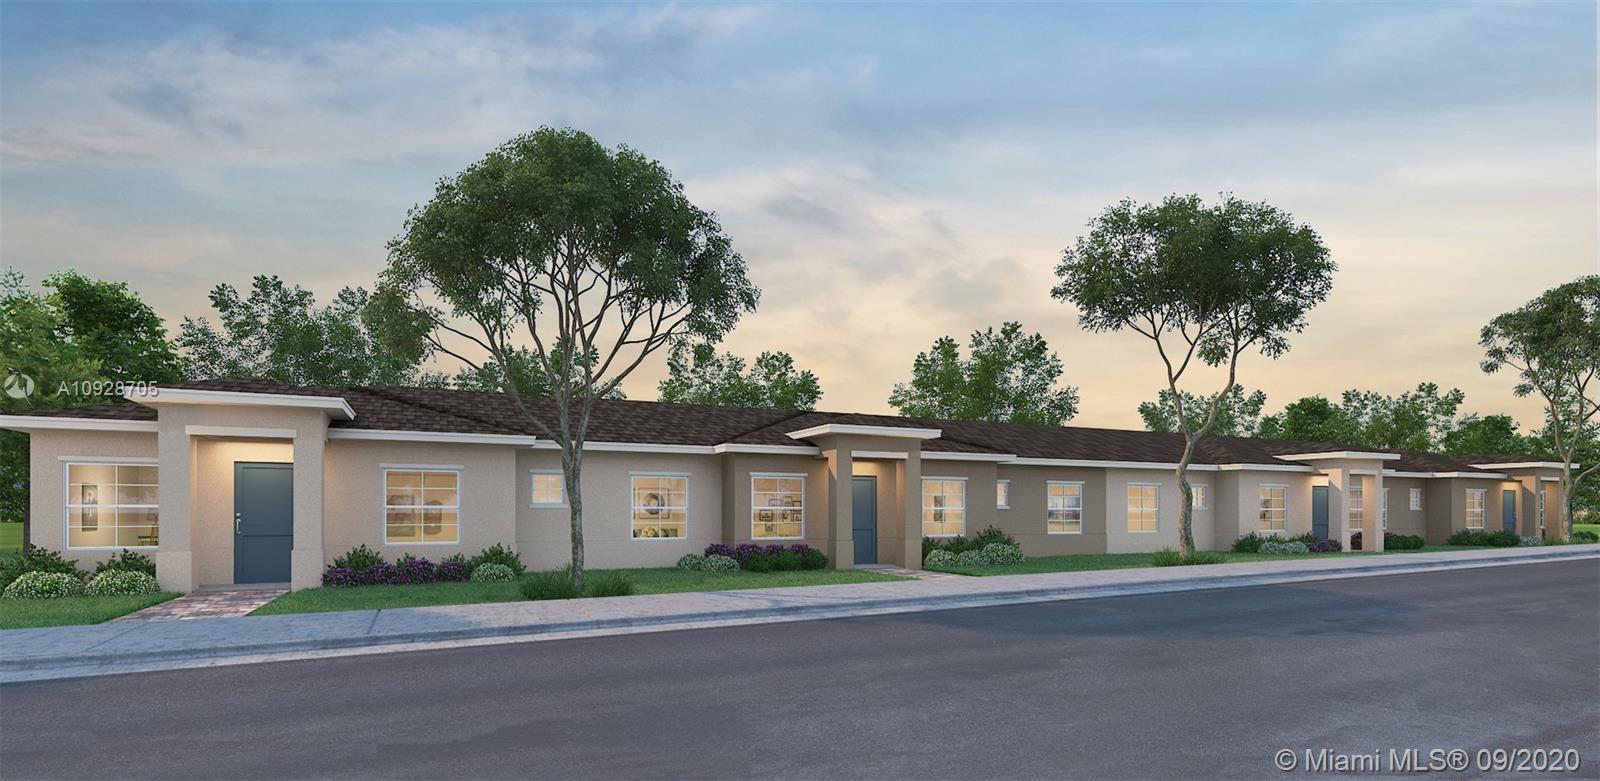 520 NE 4th Ave Property Photo